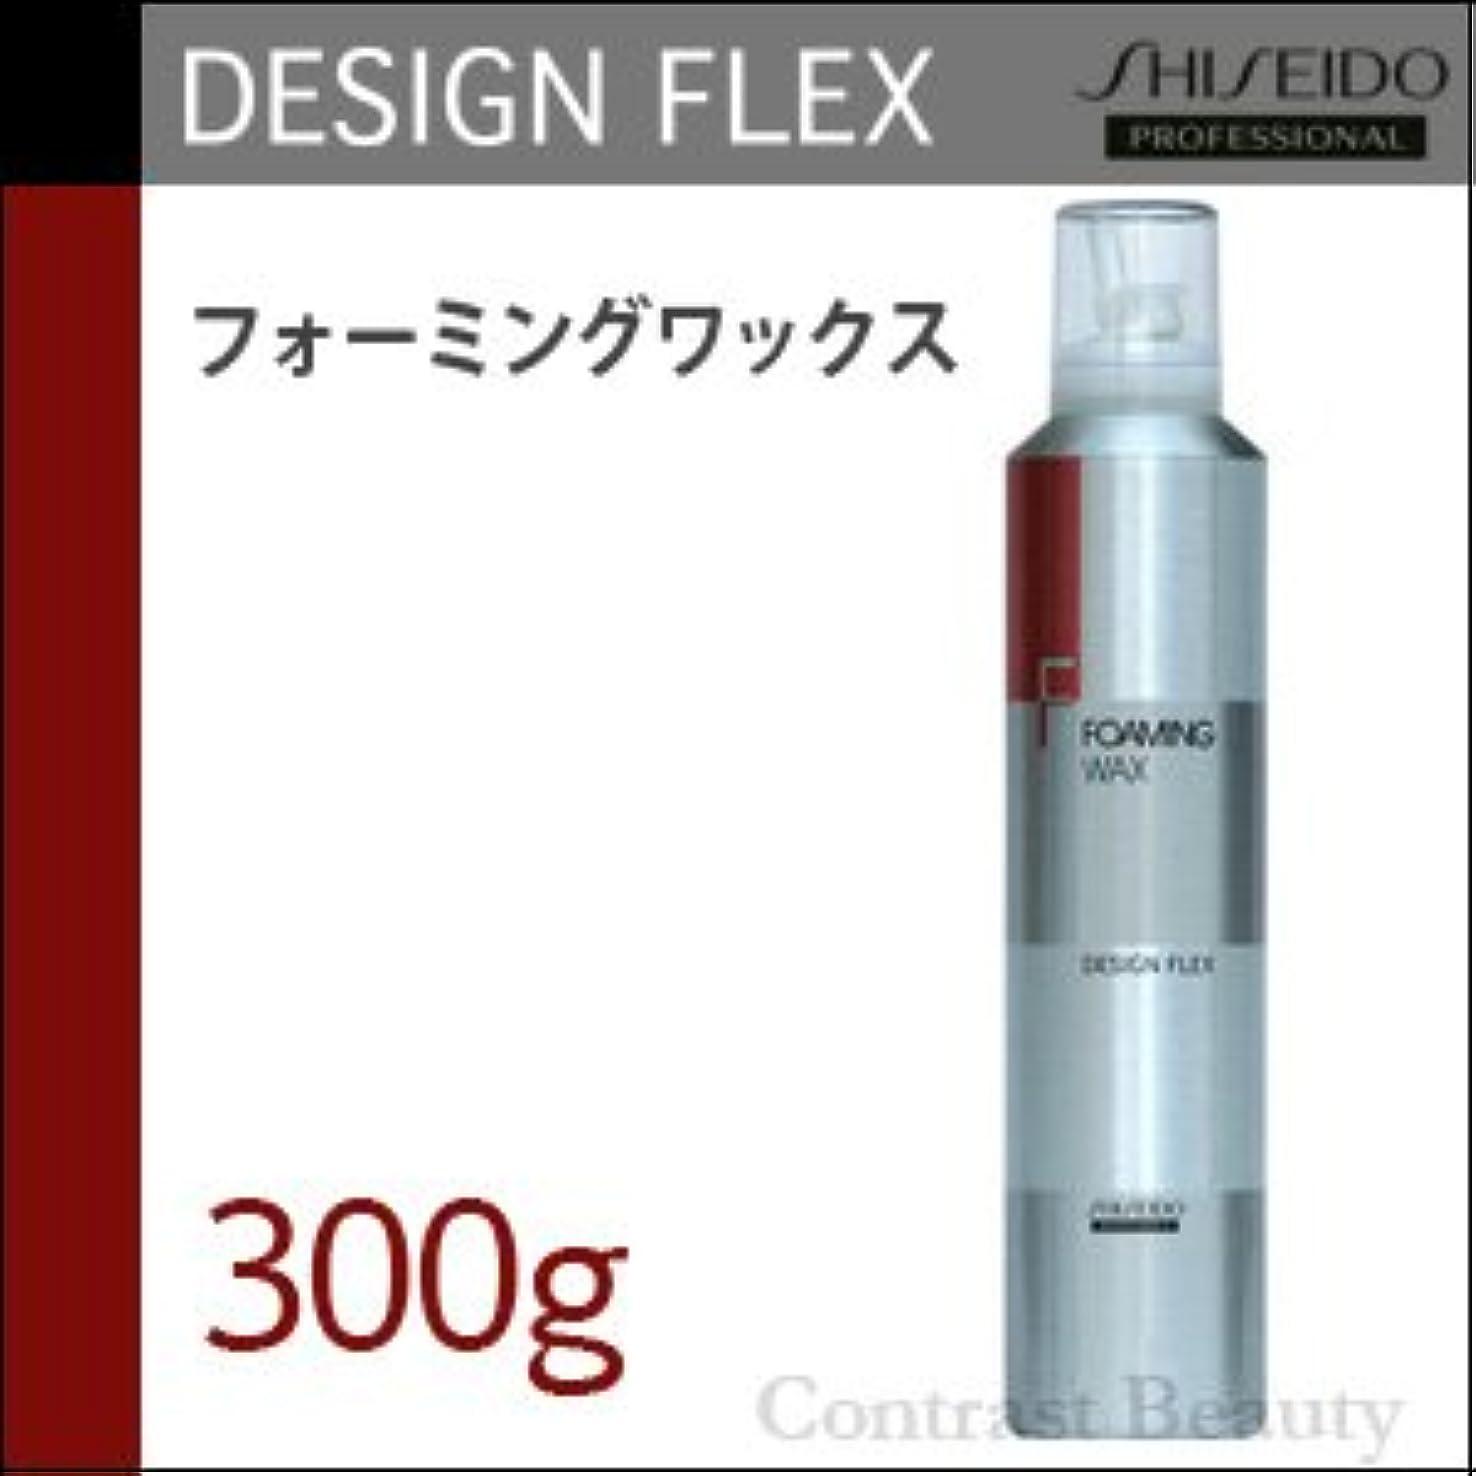 首相ボットガム【x3個セット】 資生堂 デザインフレックス フォーミングワックス 300g